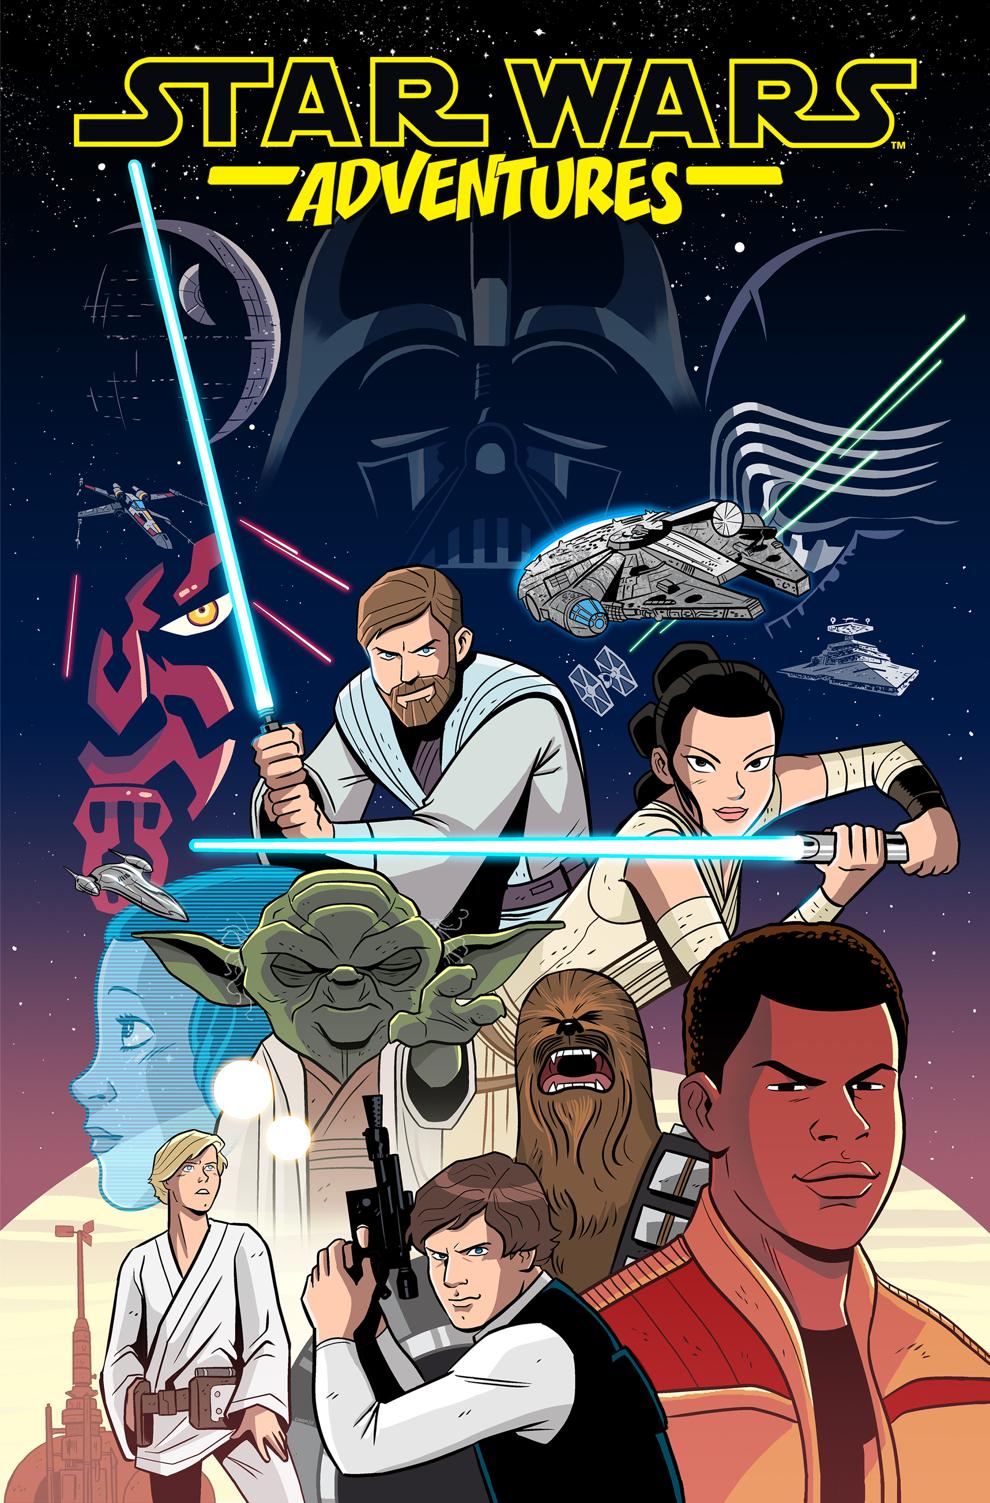 Star-Wars-Adventures-IDW.jpg